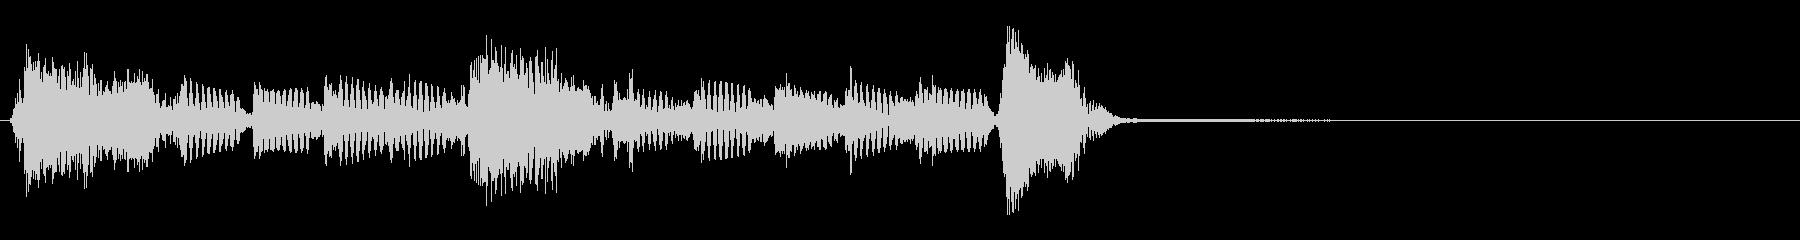 単音ギターのハーモニーSEの未再生の波形